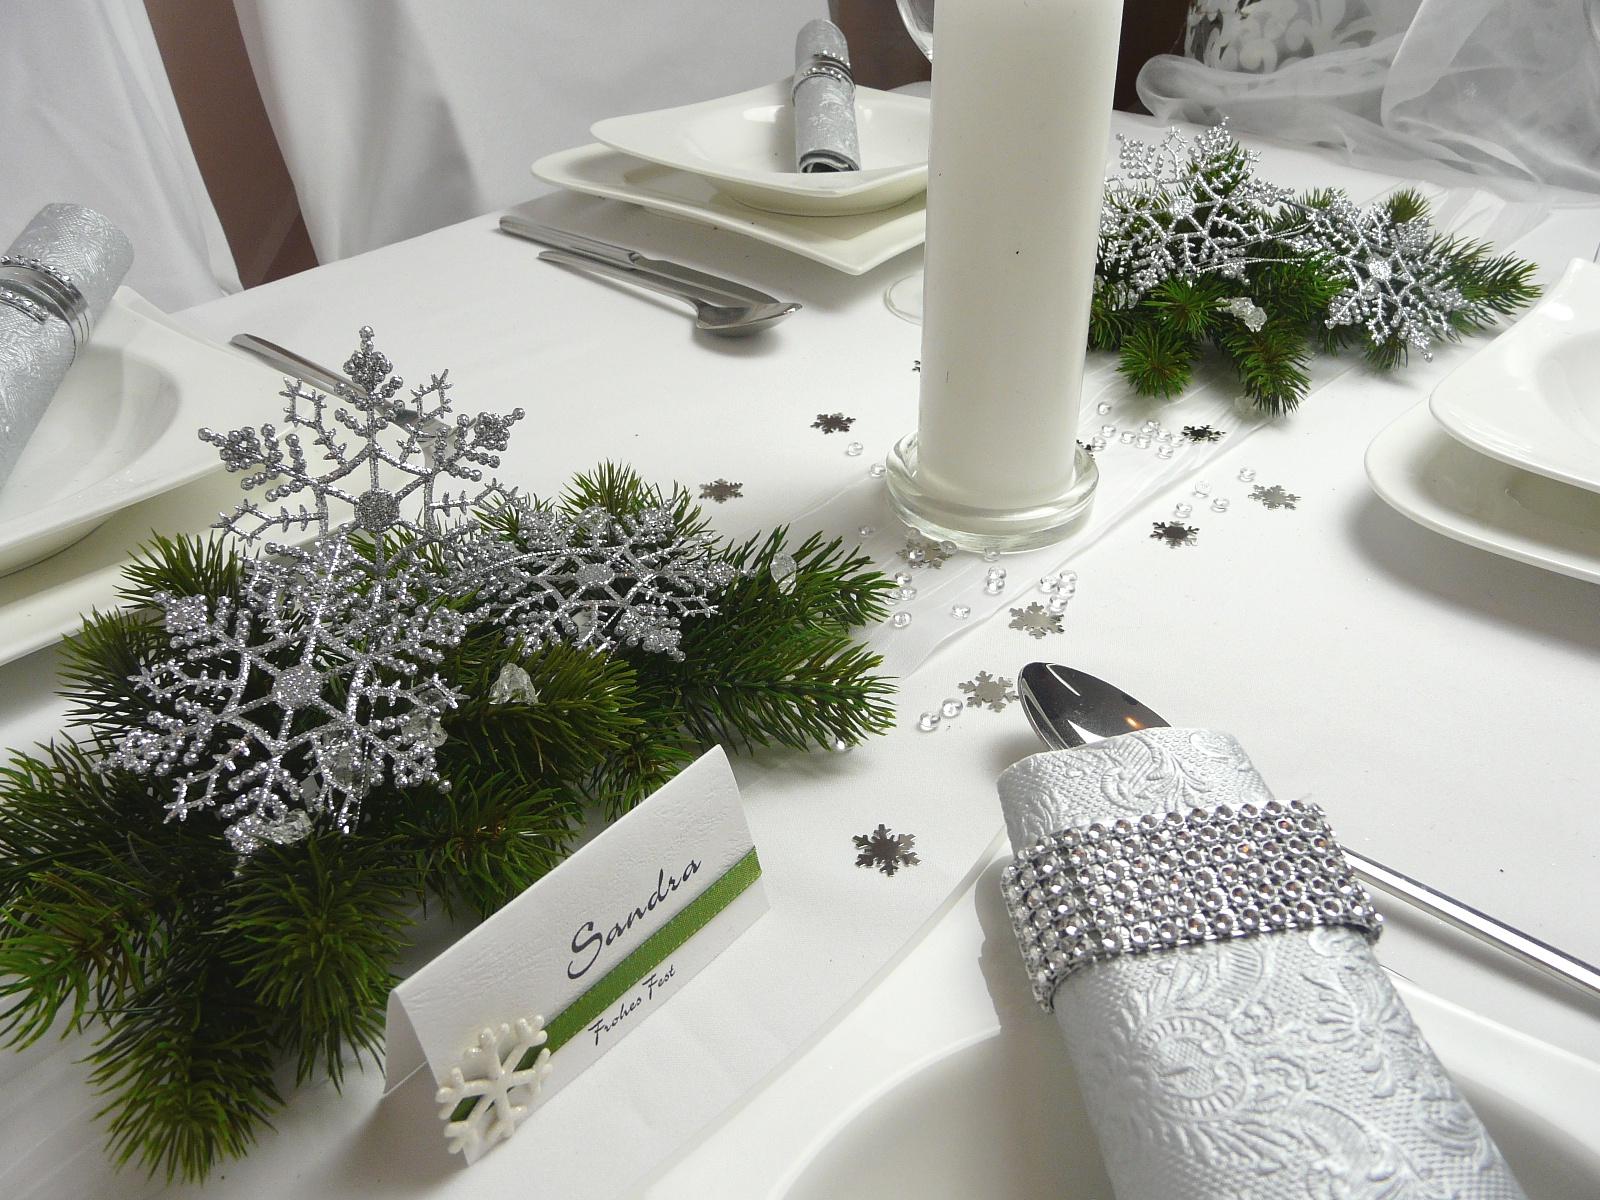 Tischdeko winter grün  Mustertisch Weihnachten und Winter. Tischdeko-online